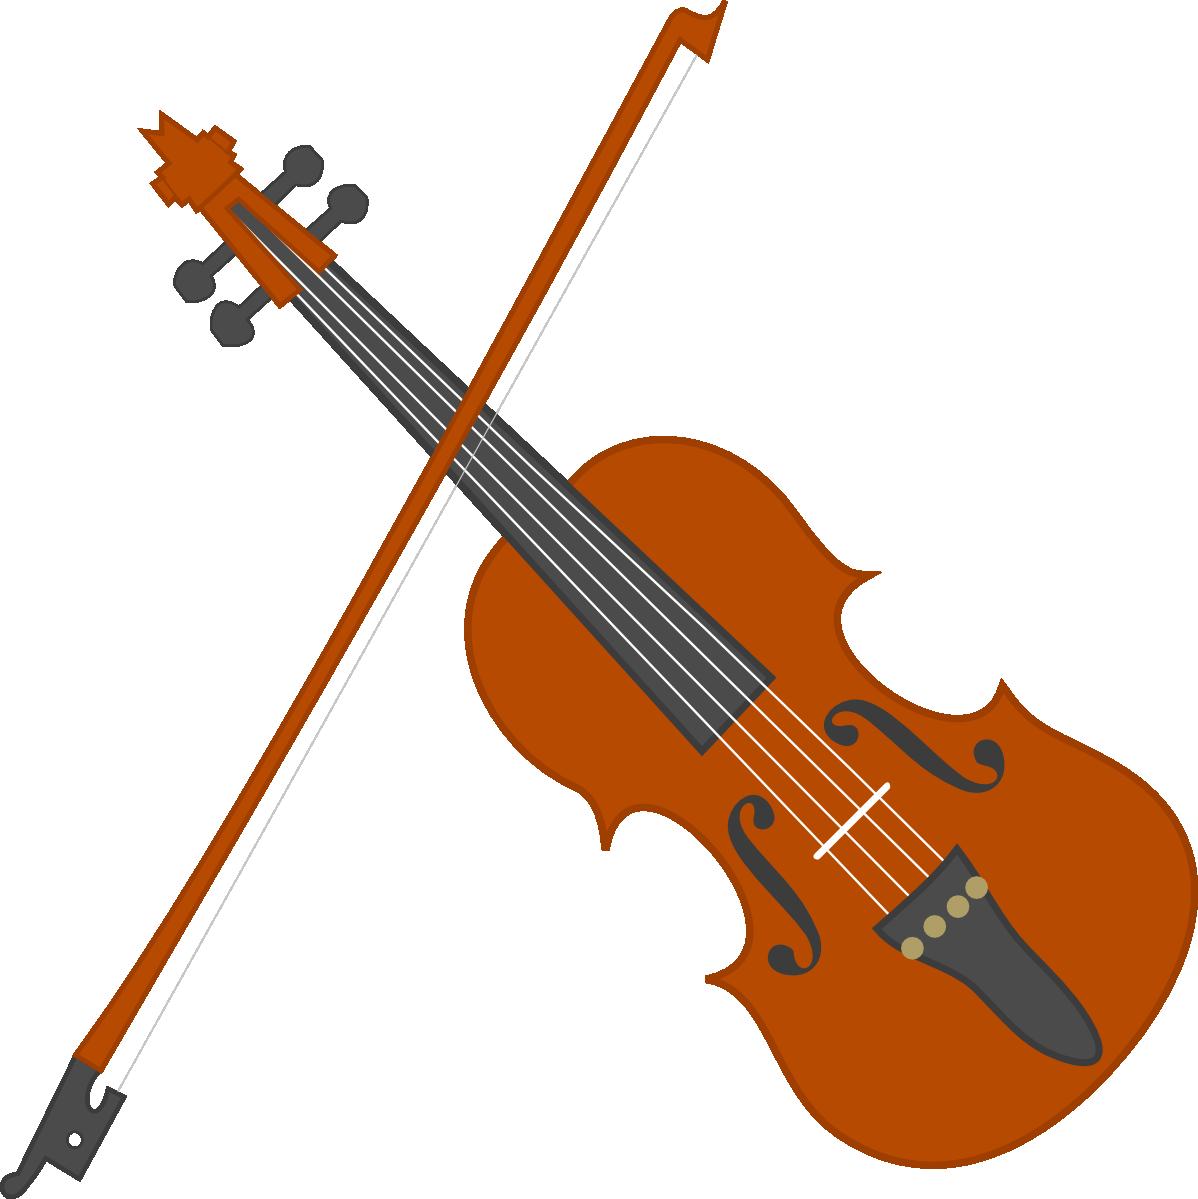 violin cutie mark - ROBLOX